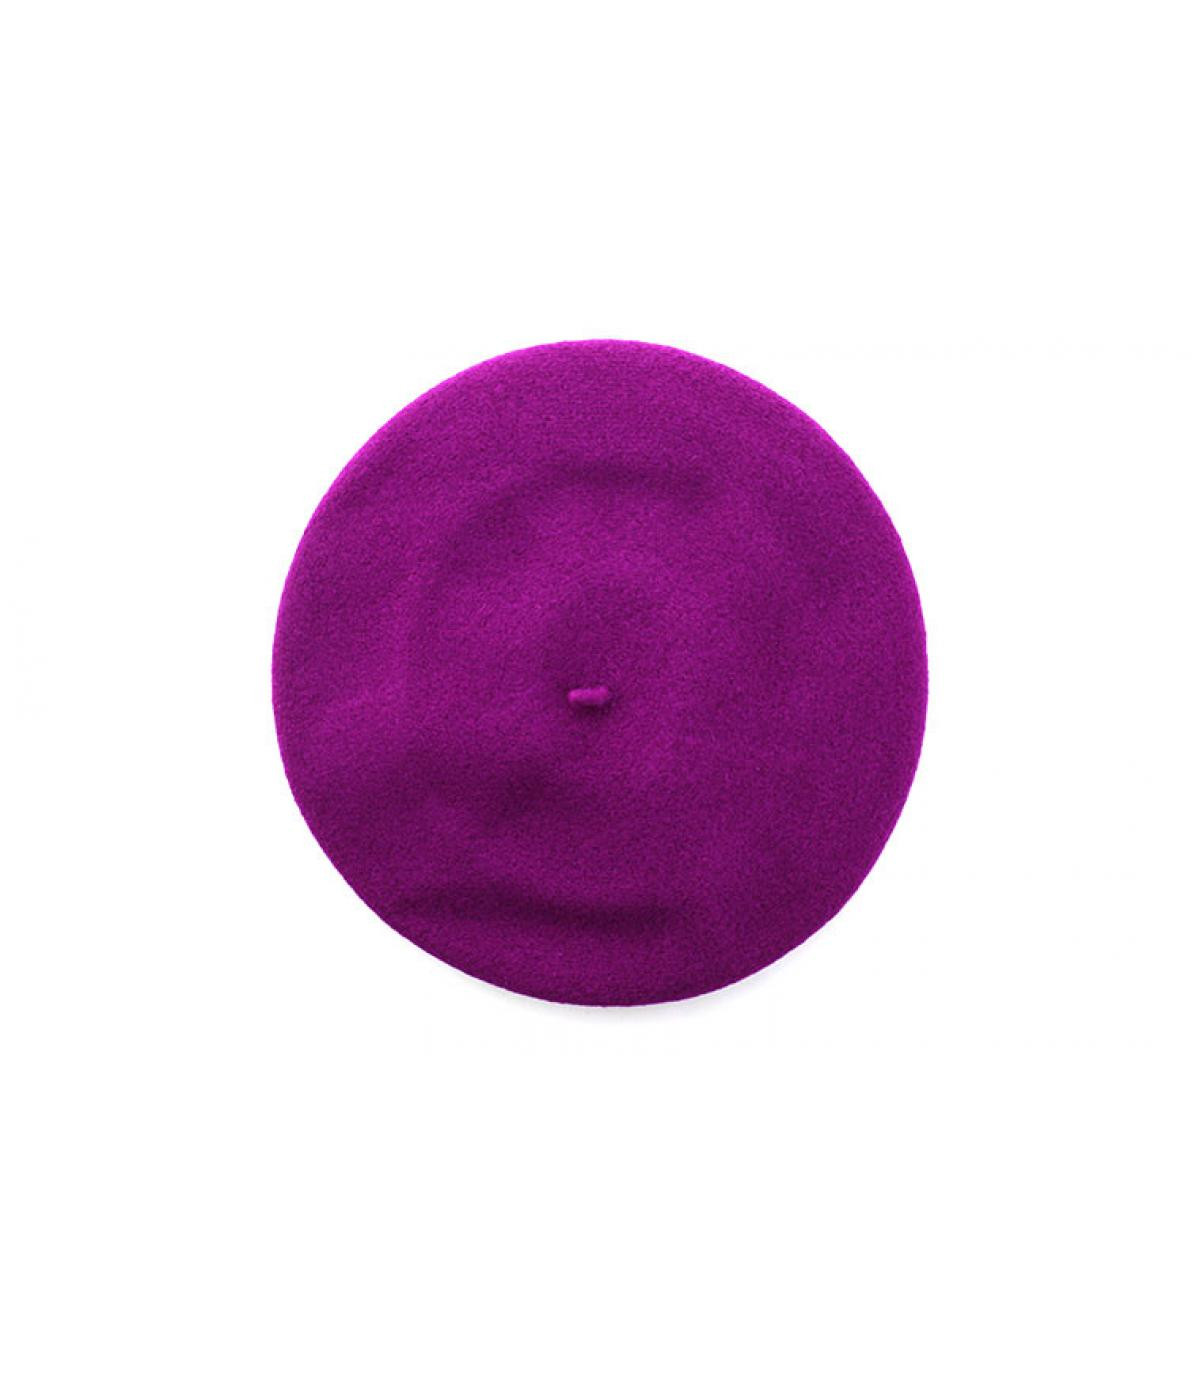 Detalles Parisienne purple imagen 2